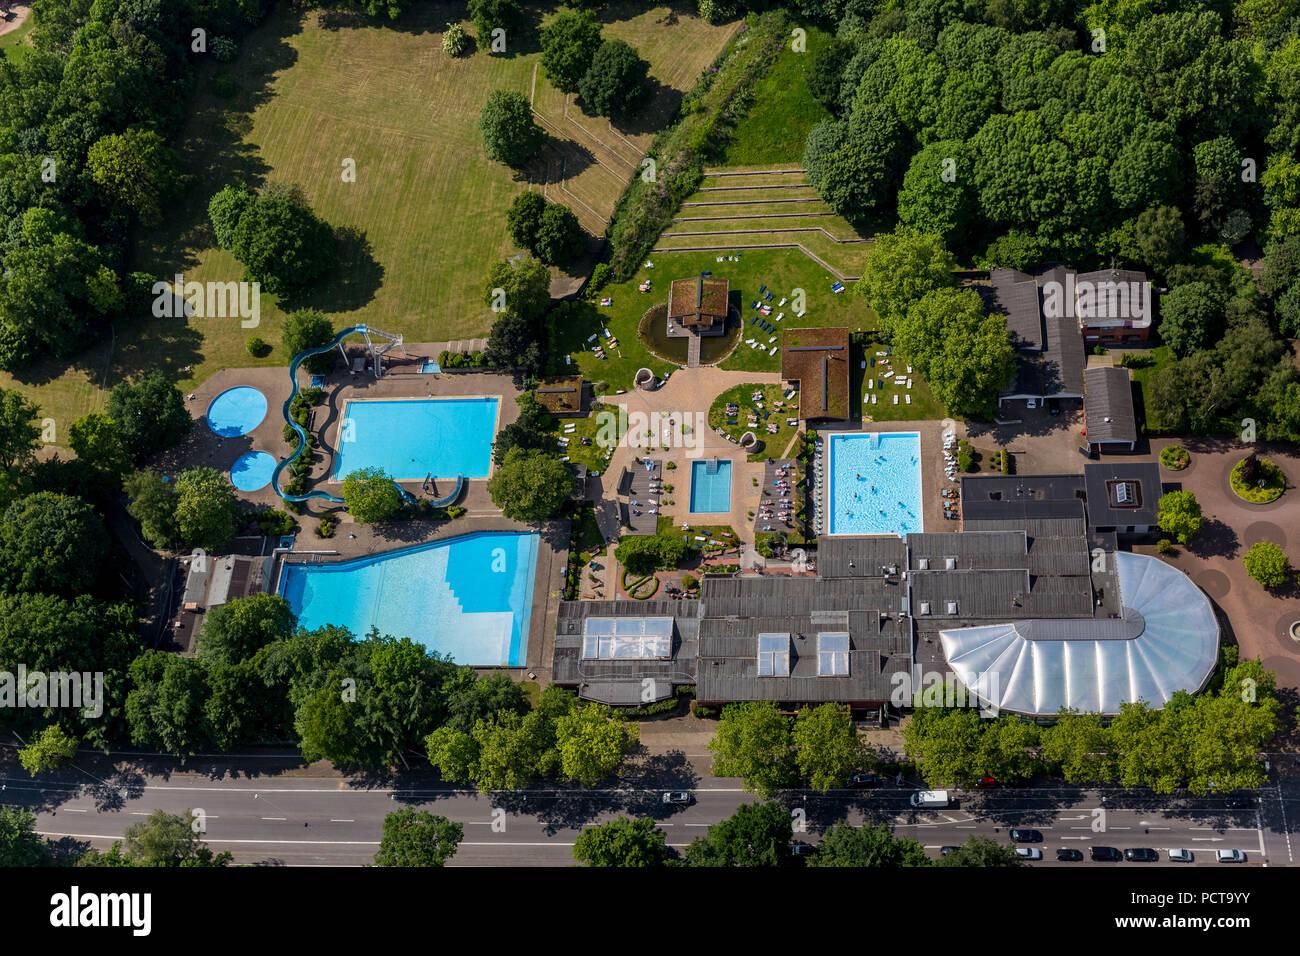 Vonderort Revierpark with earth sauna, Oberhausen, Ruhr area - Stock Image